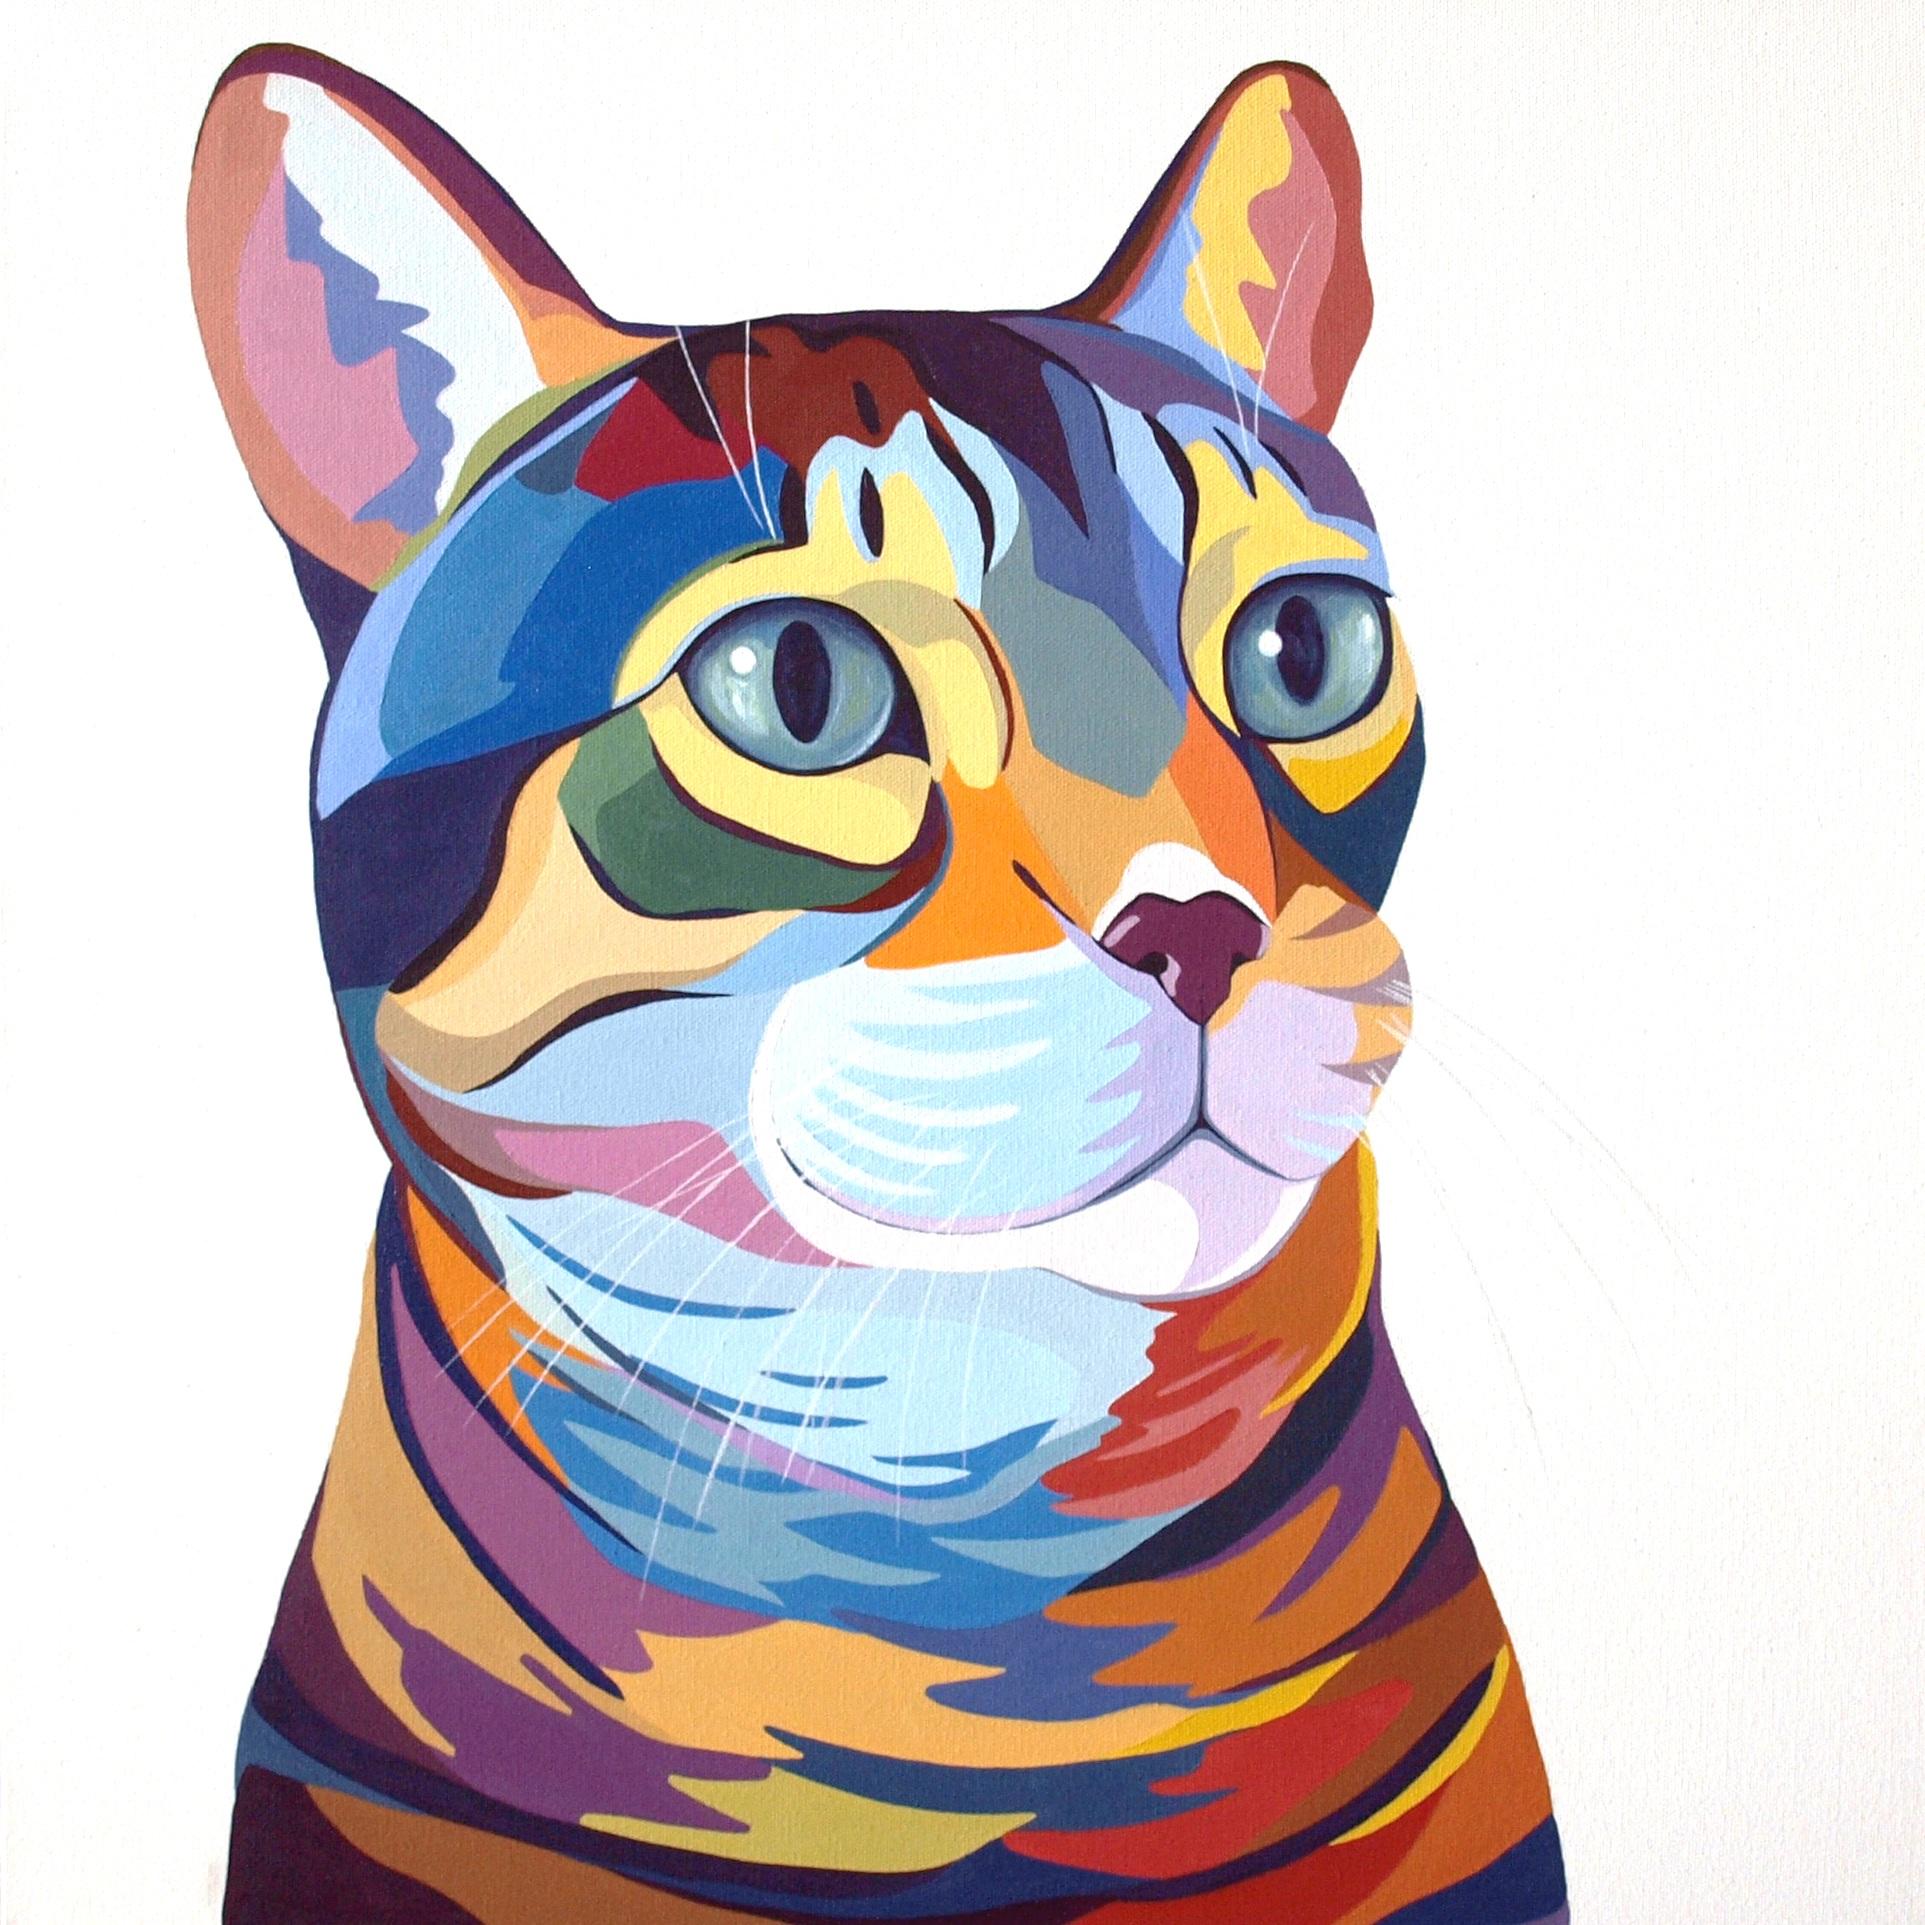 Indie_Cat_2018 copy.jpg